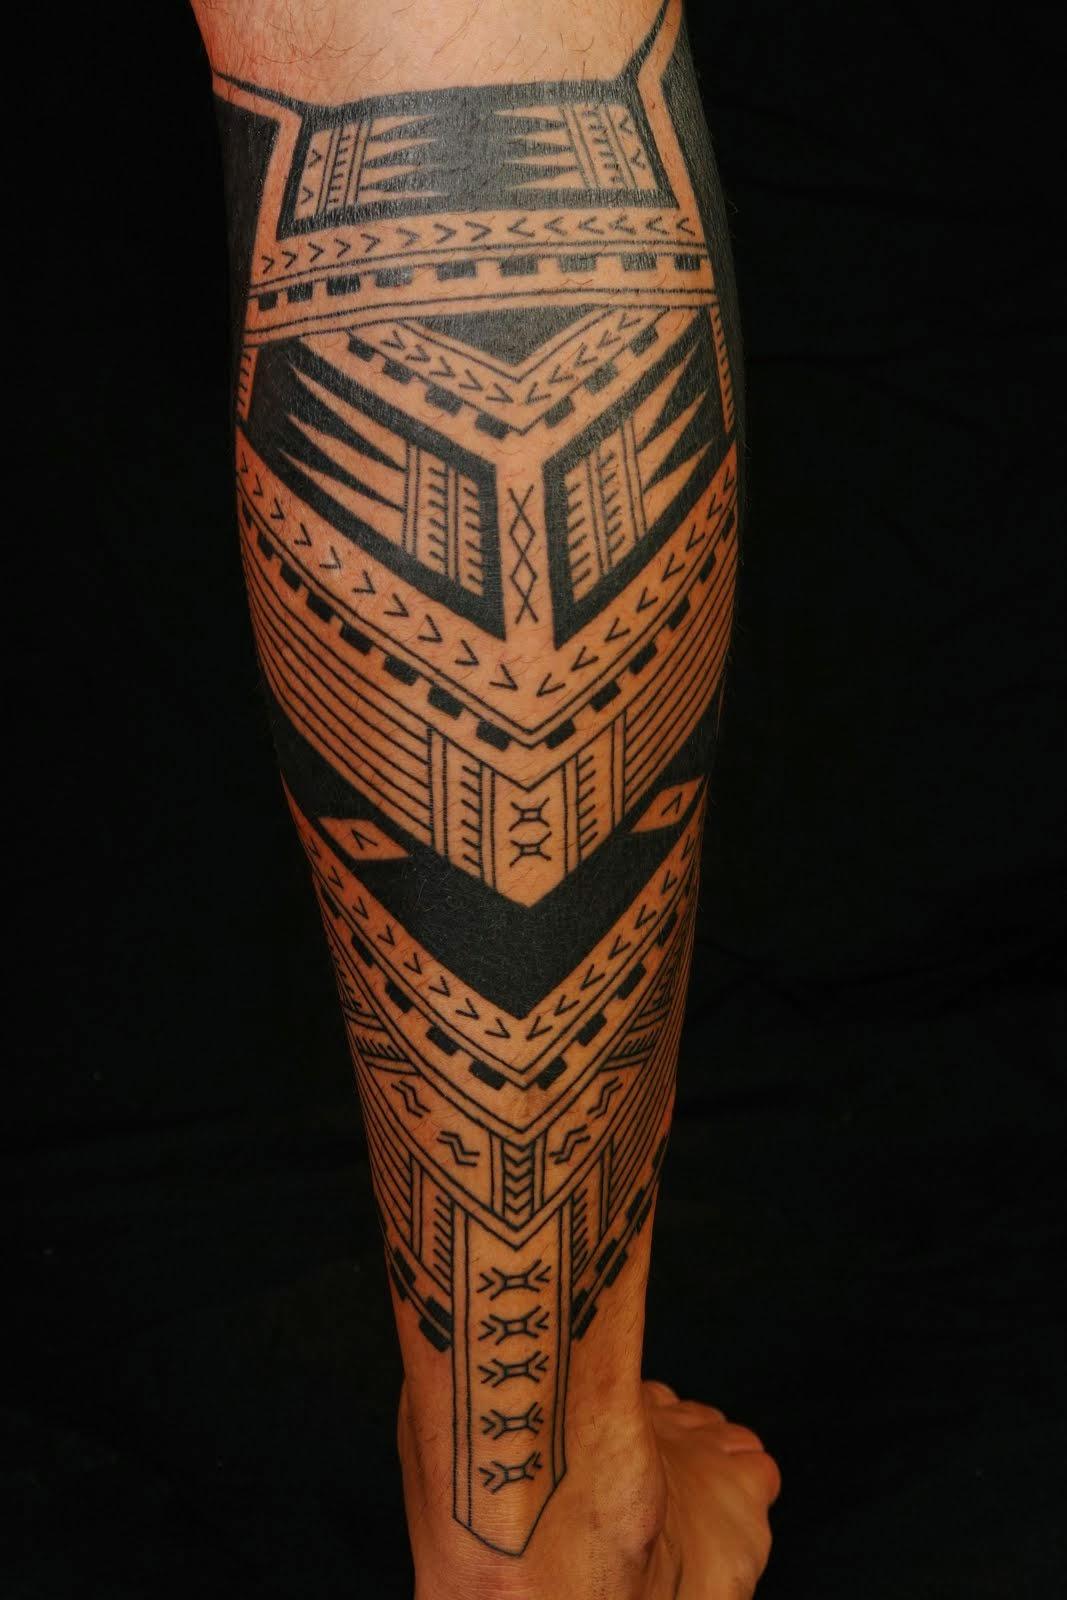 Samoan Tattoo: Samoan Tattoos